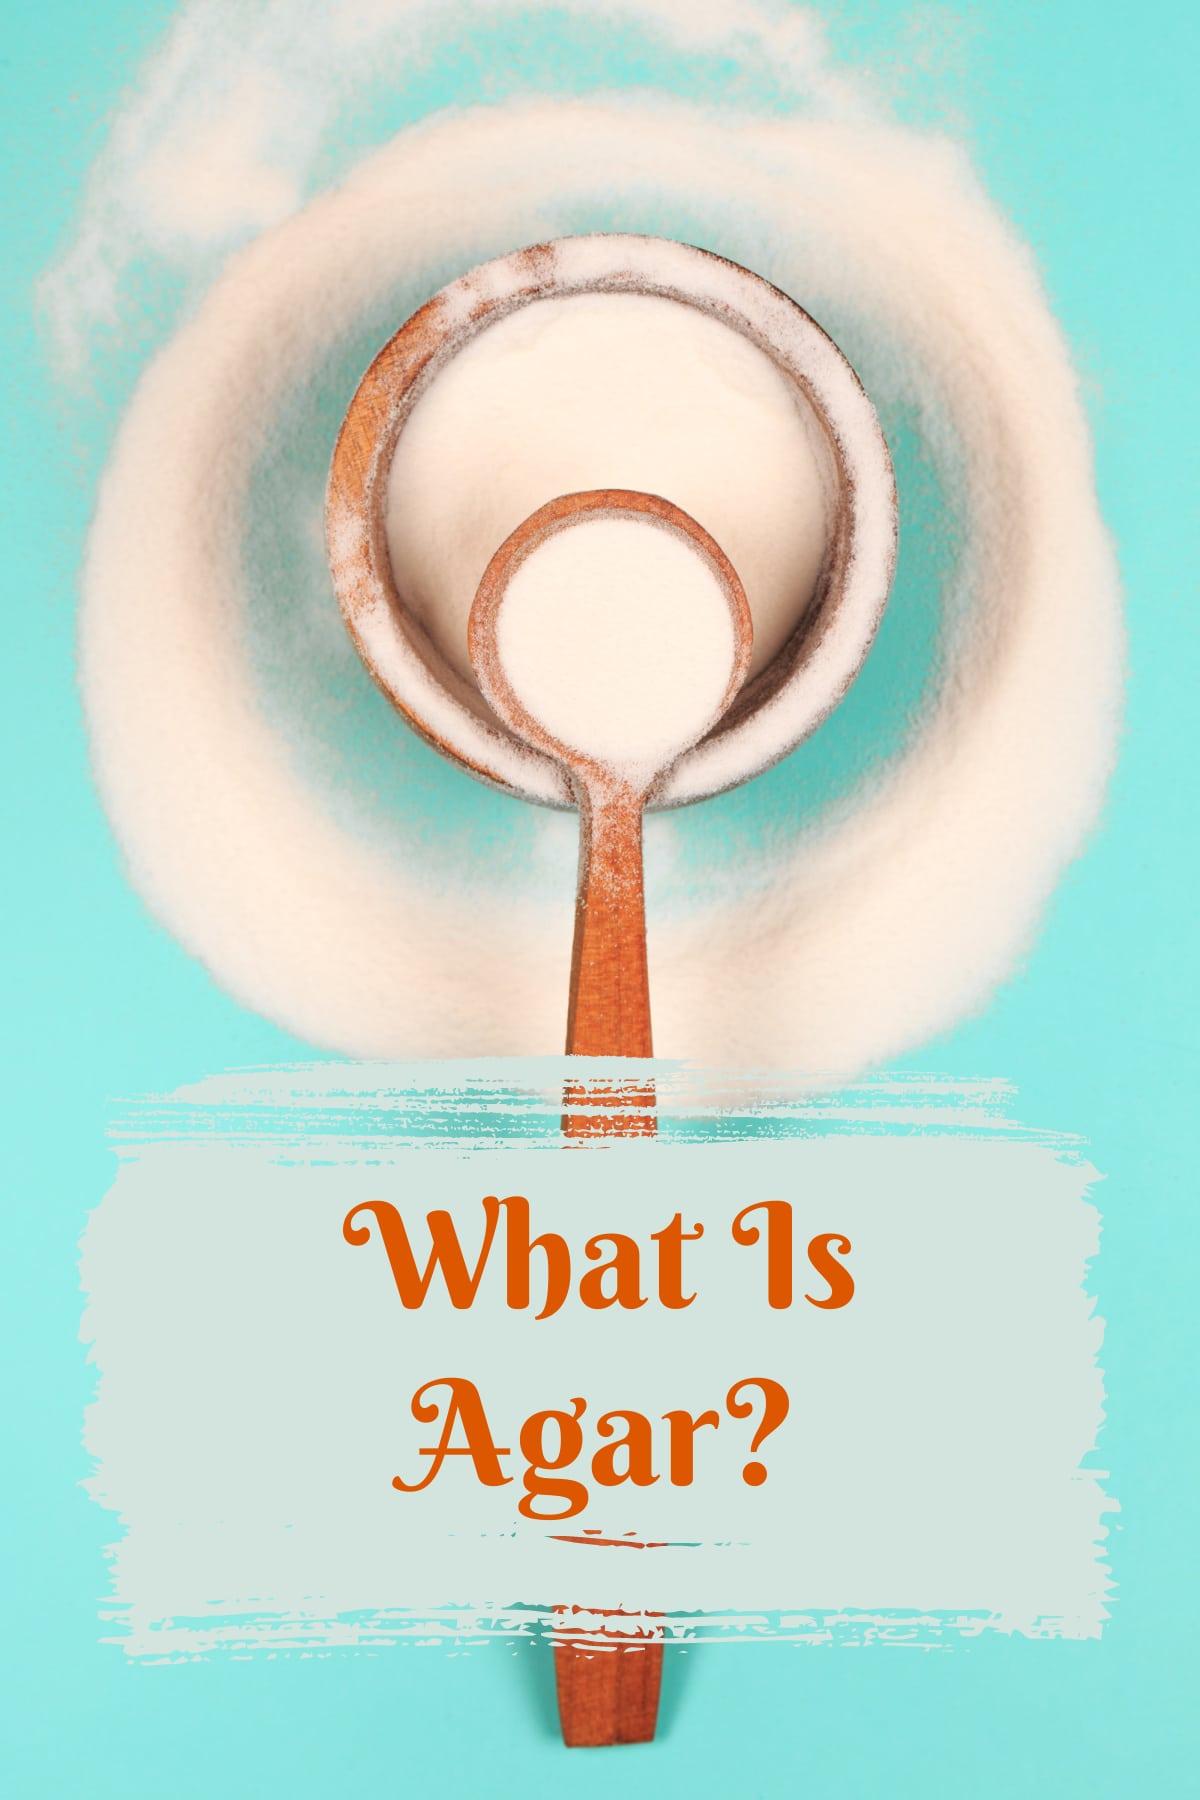 What Is Agar?